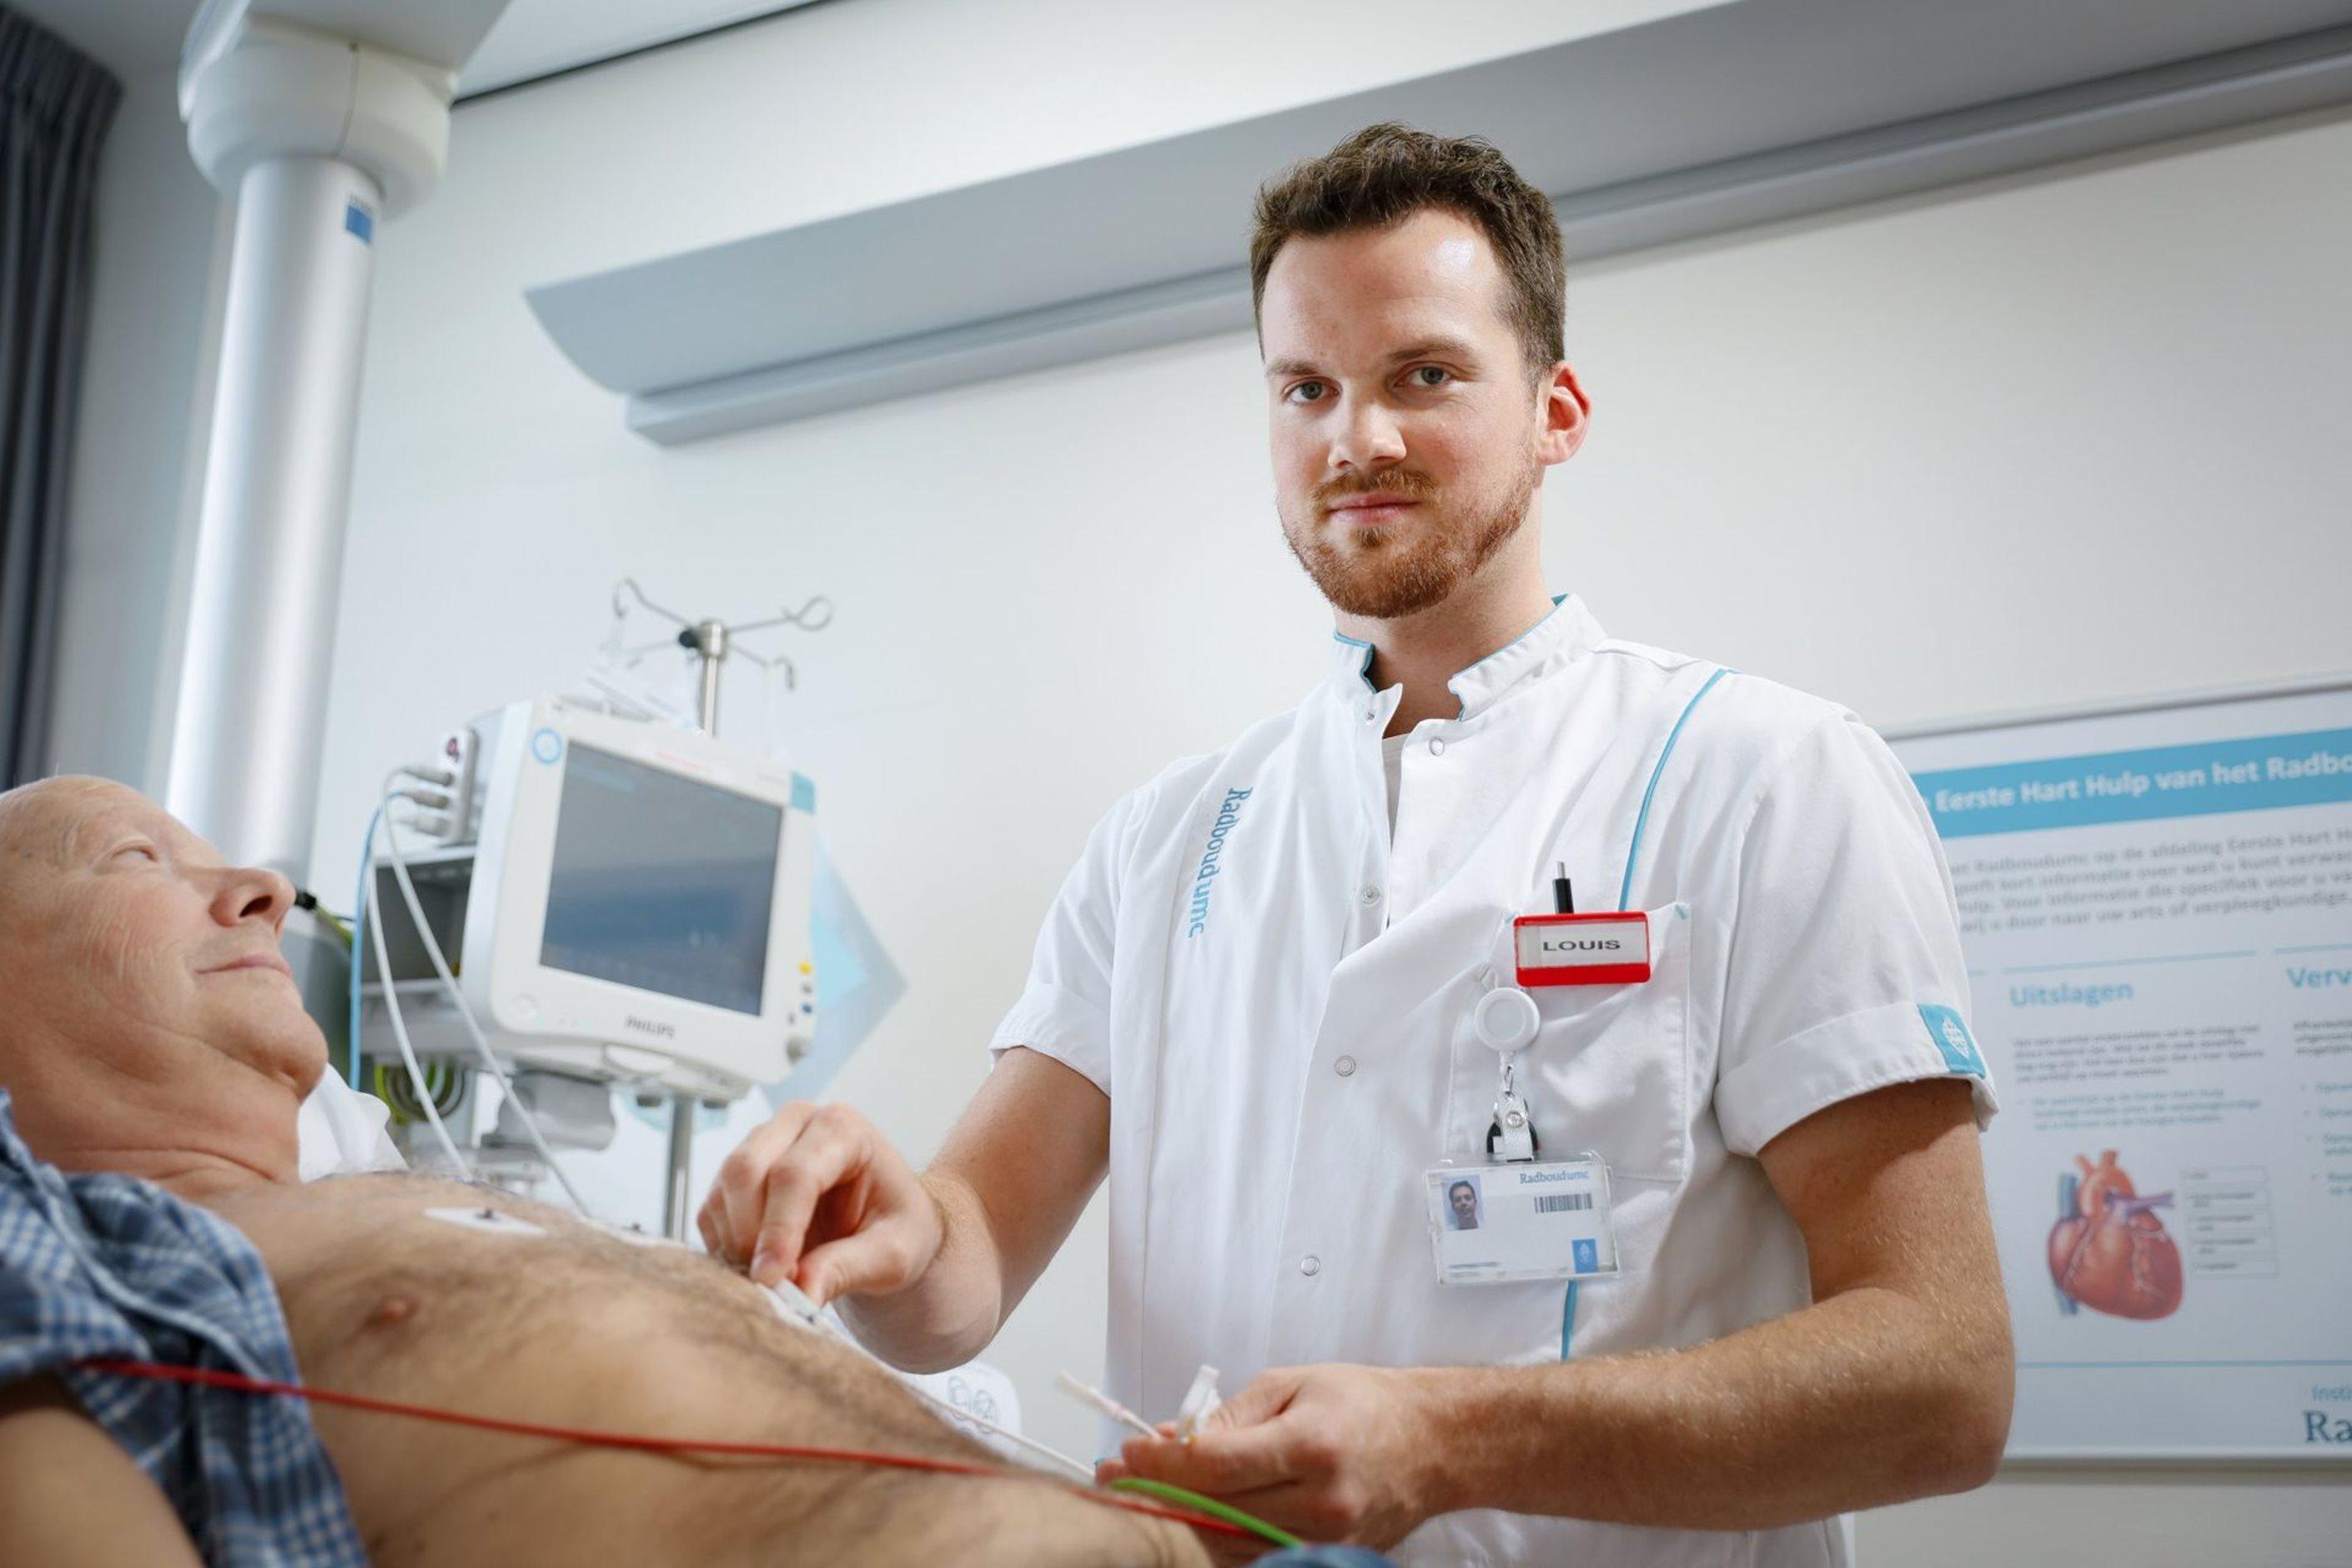 verpleegkundigen dating patiГ«nten kundli software voor matchmaking gratis te downloaden